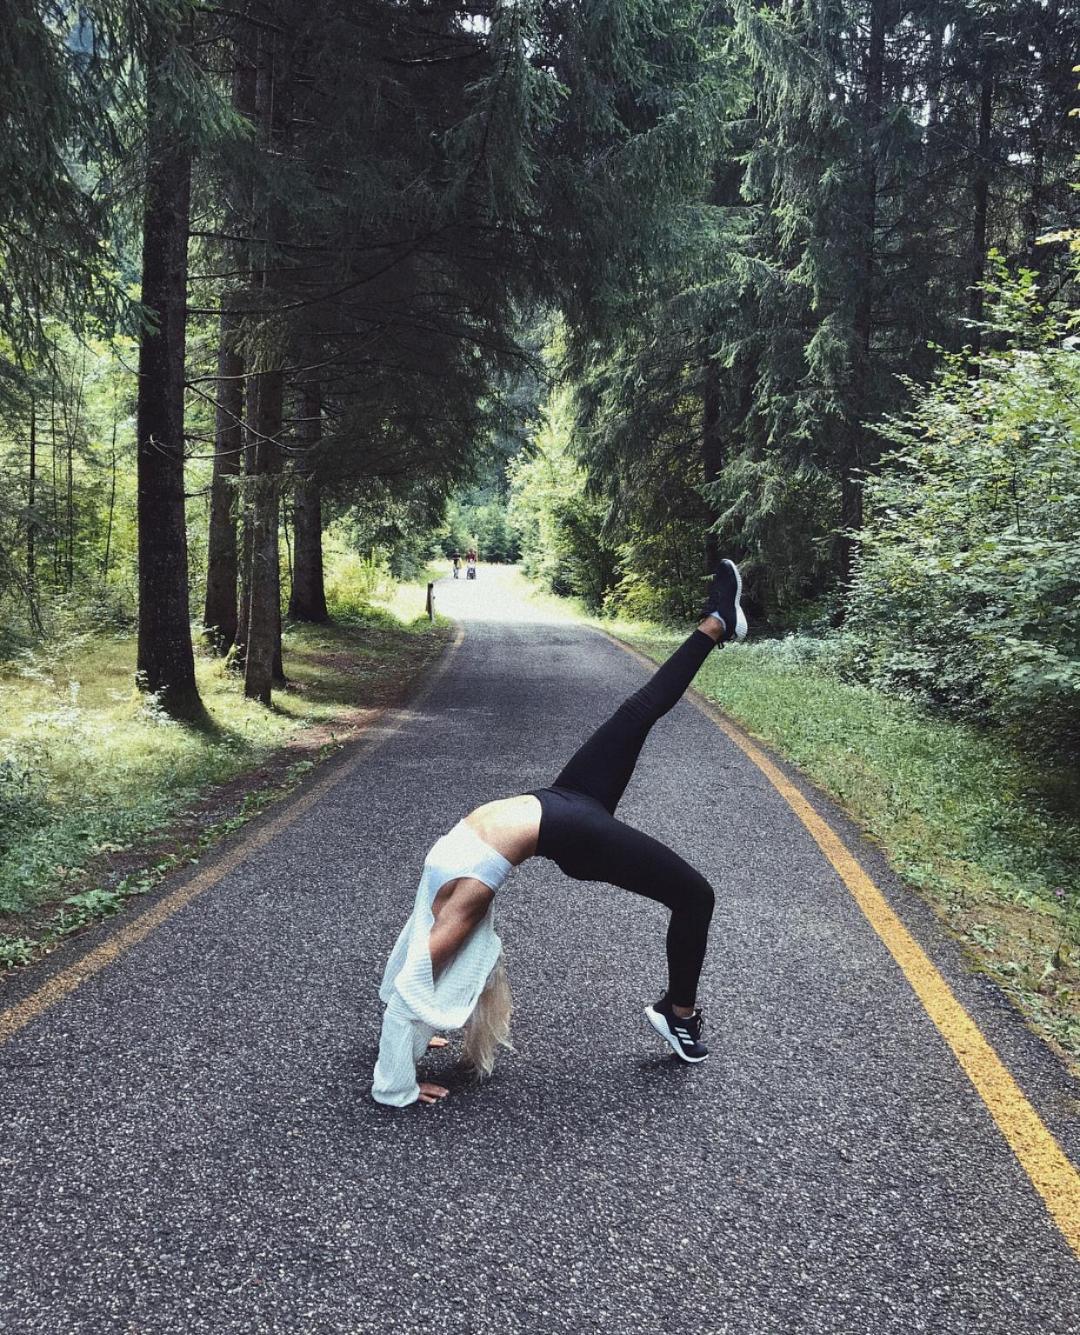 Yoga și meditație în natură - să învățăm să ne iubim